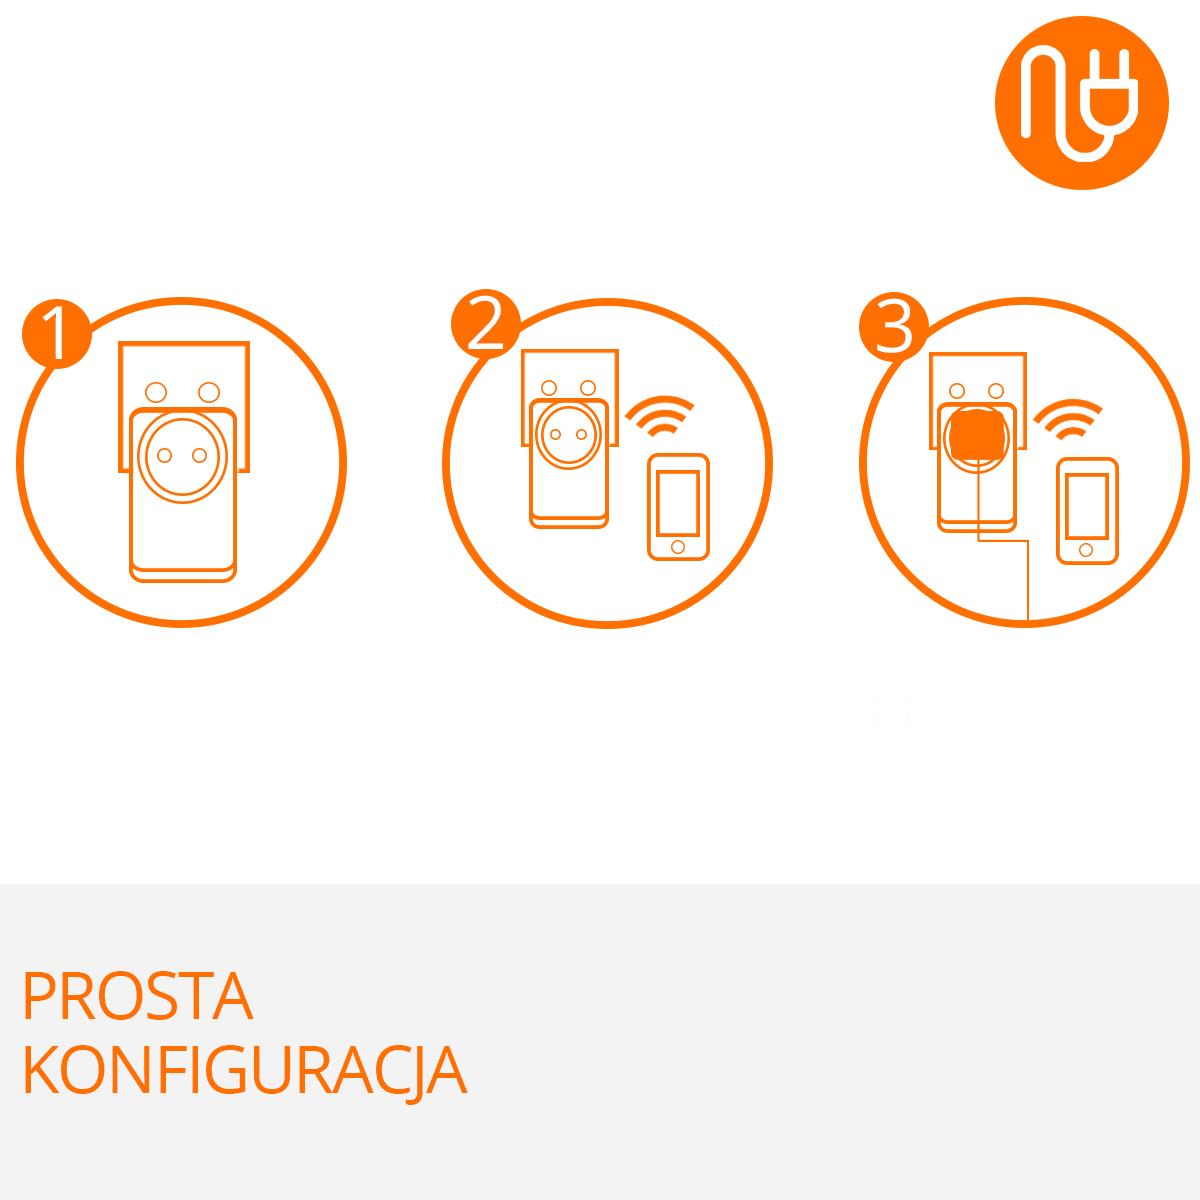 Gniazdko wifi sterowane orllo.pl